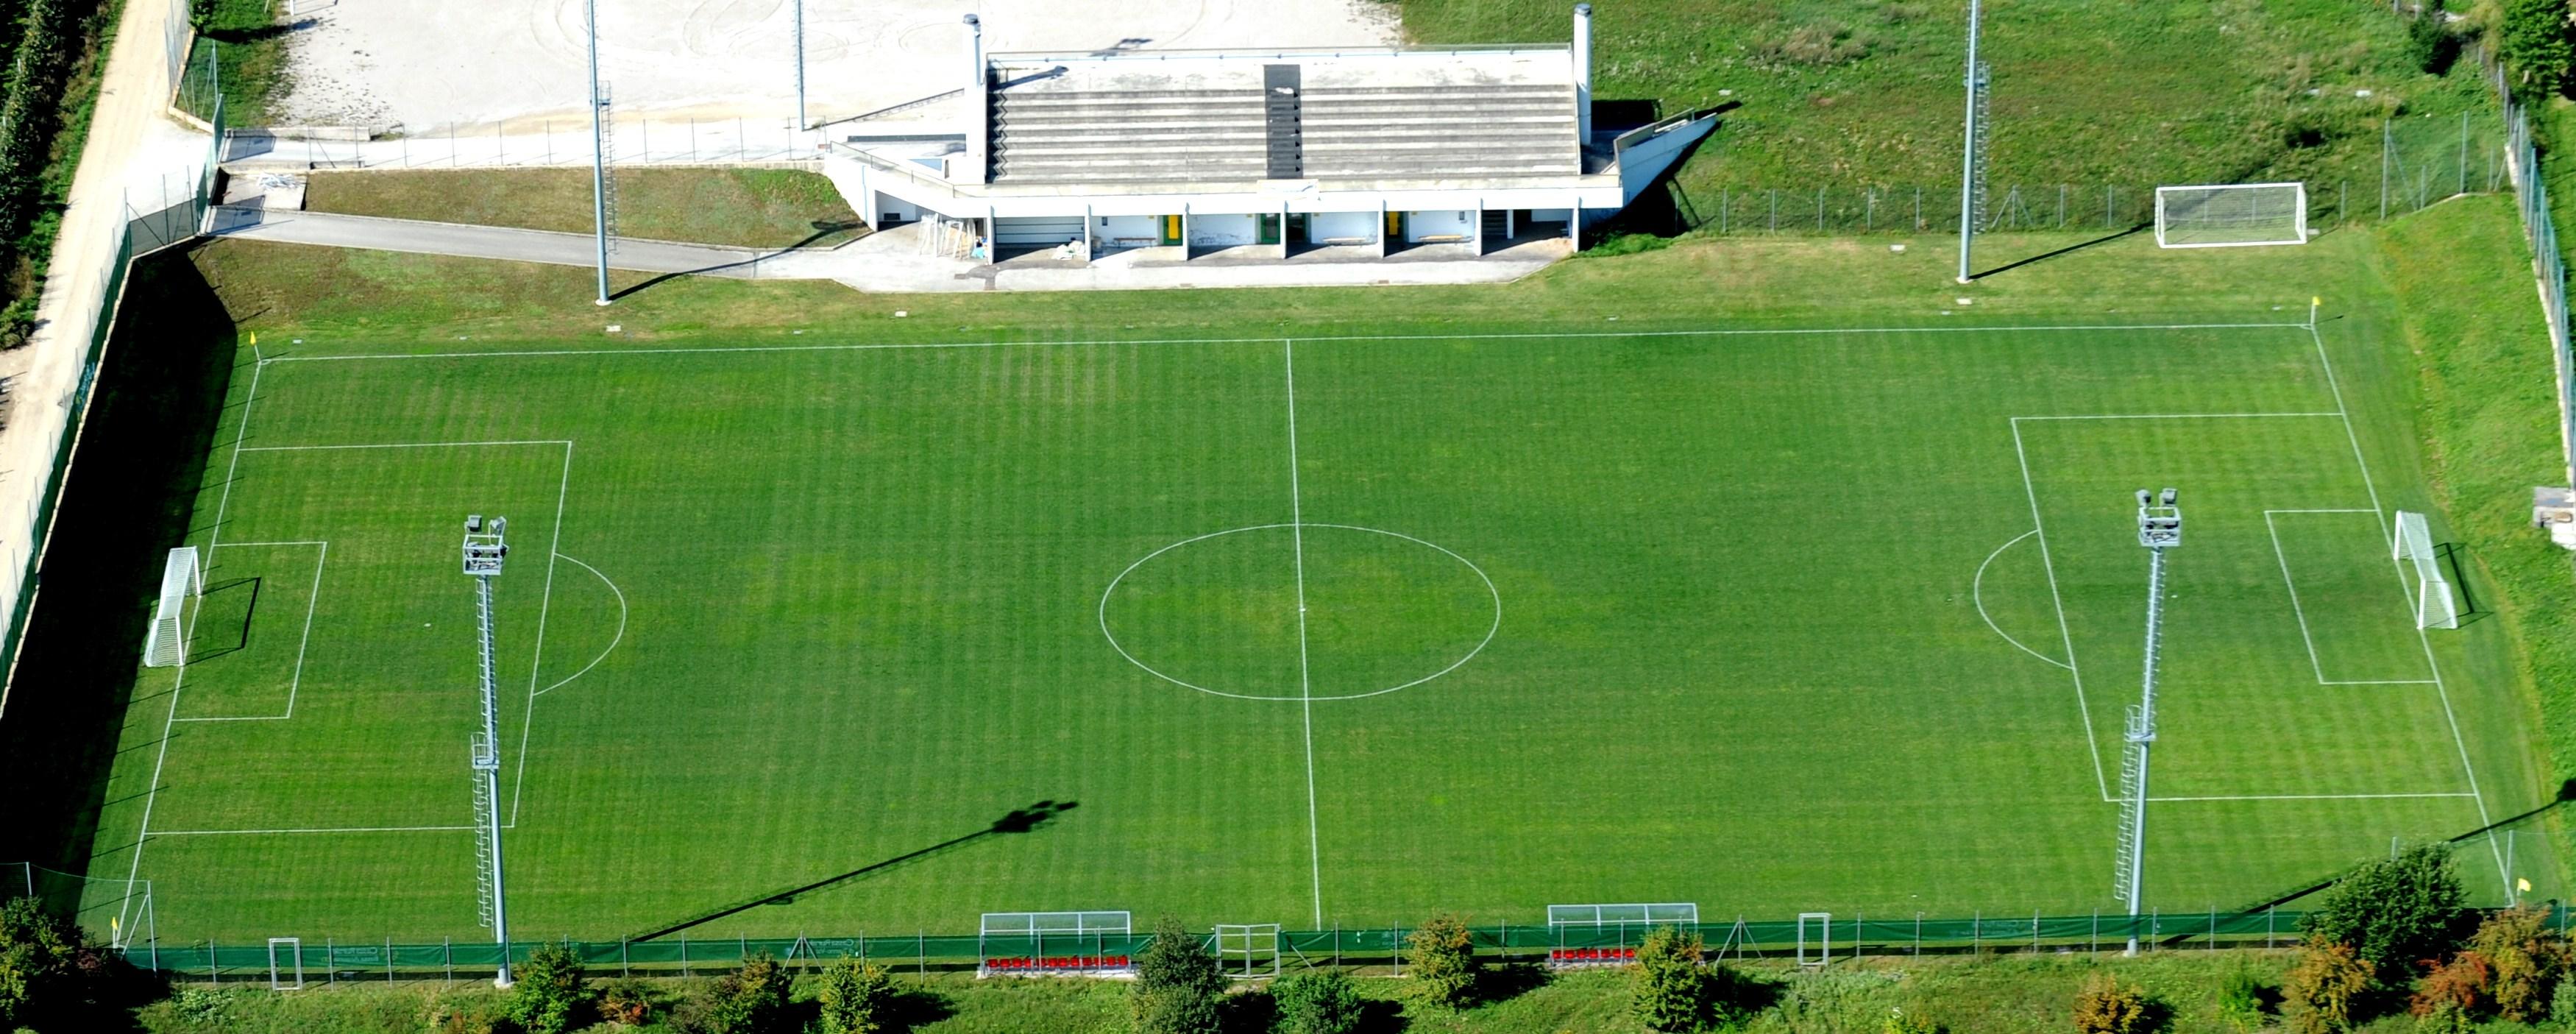 Ladispoli recuperati 121mila euro per il campo sportivo for Campo sportivo seminterrato